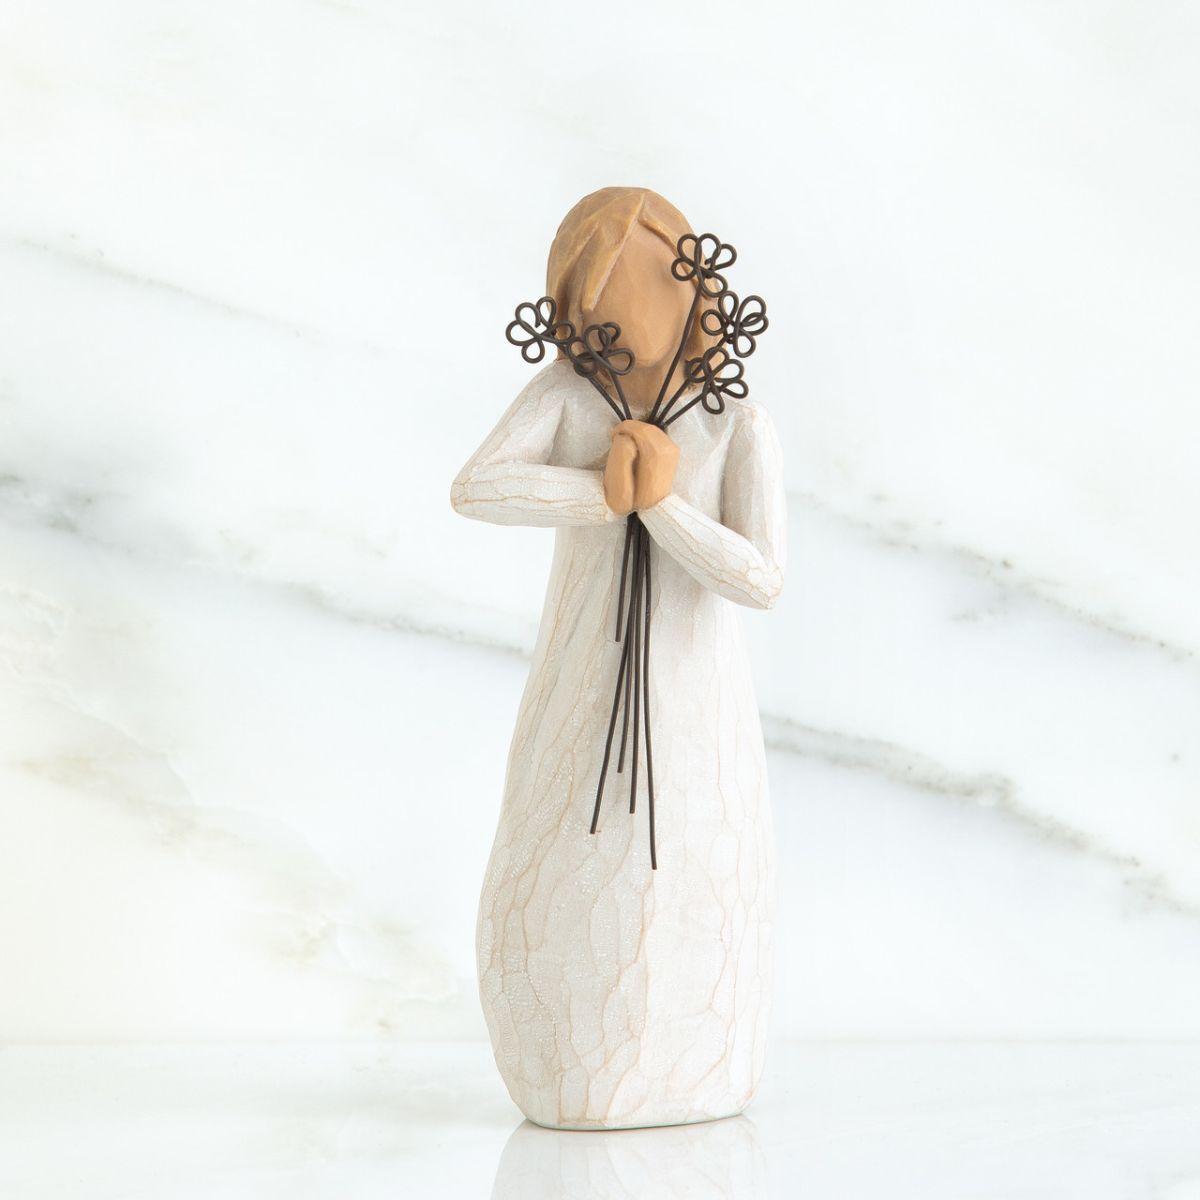 ウィローツリー彫像 【Friendship】 - 友情